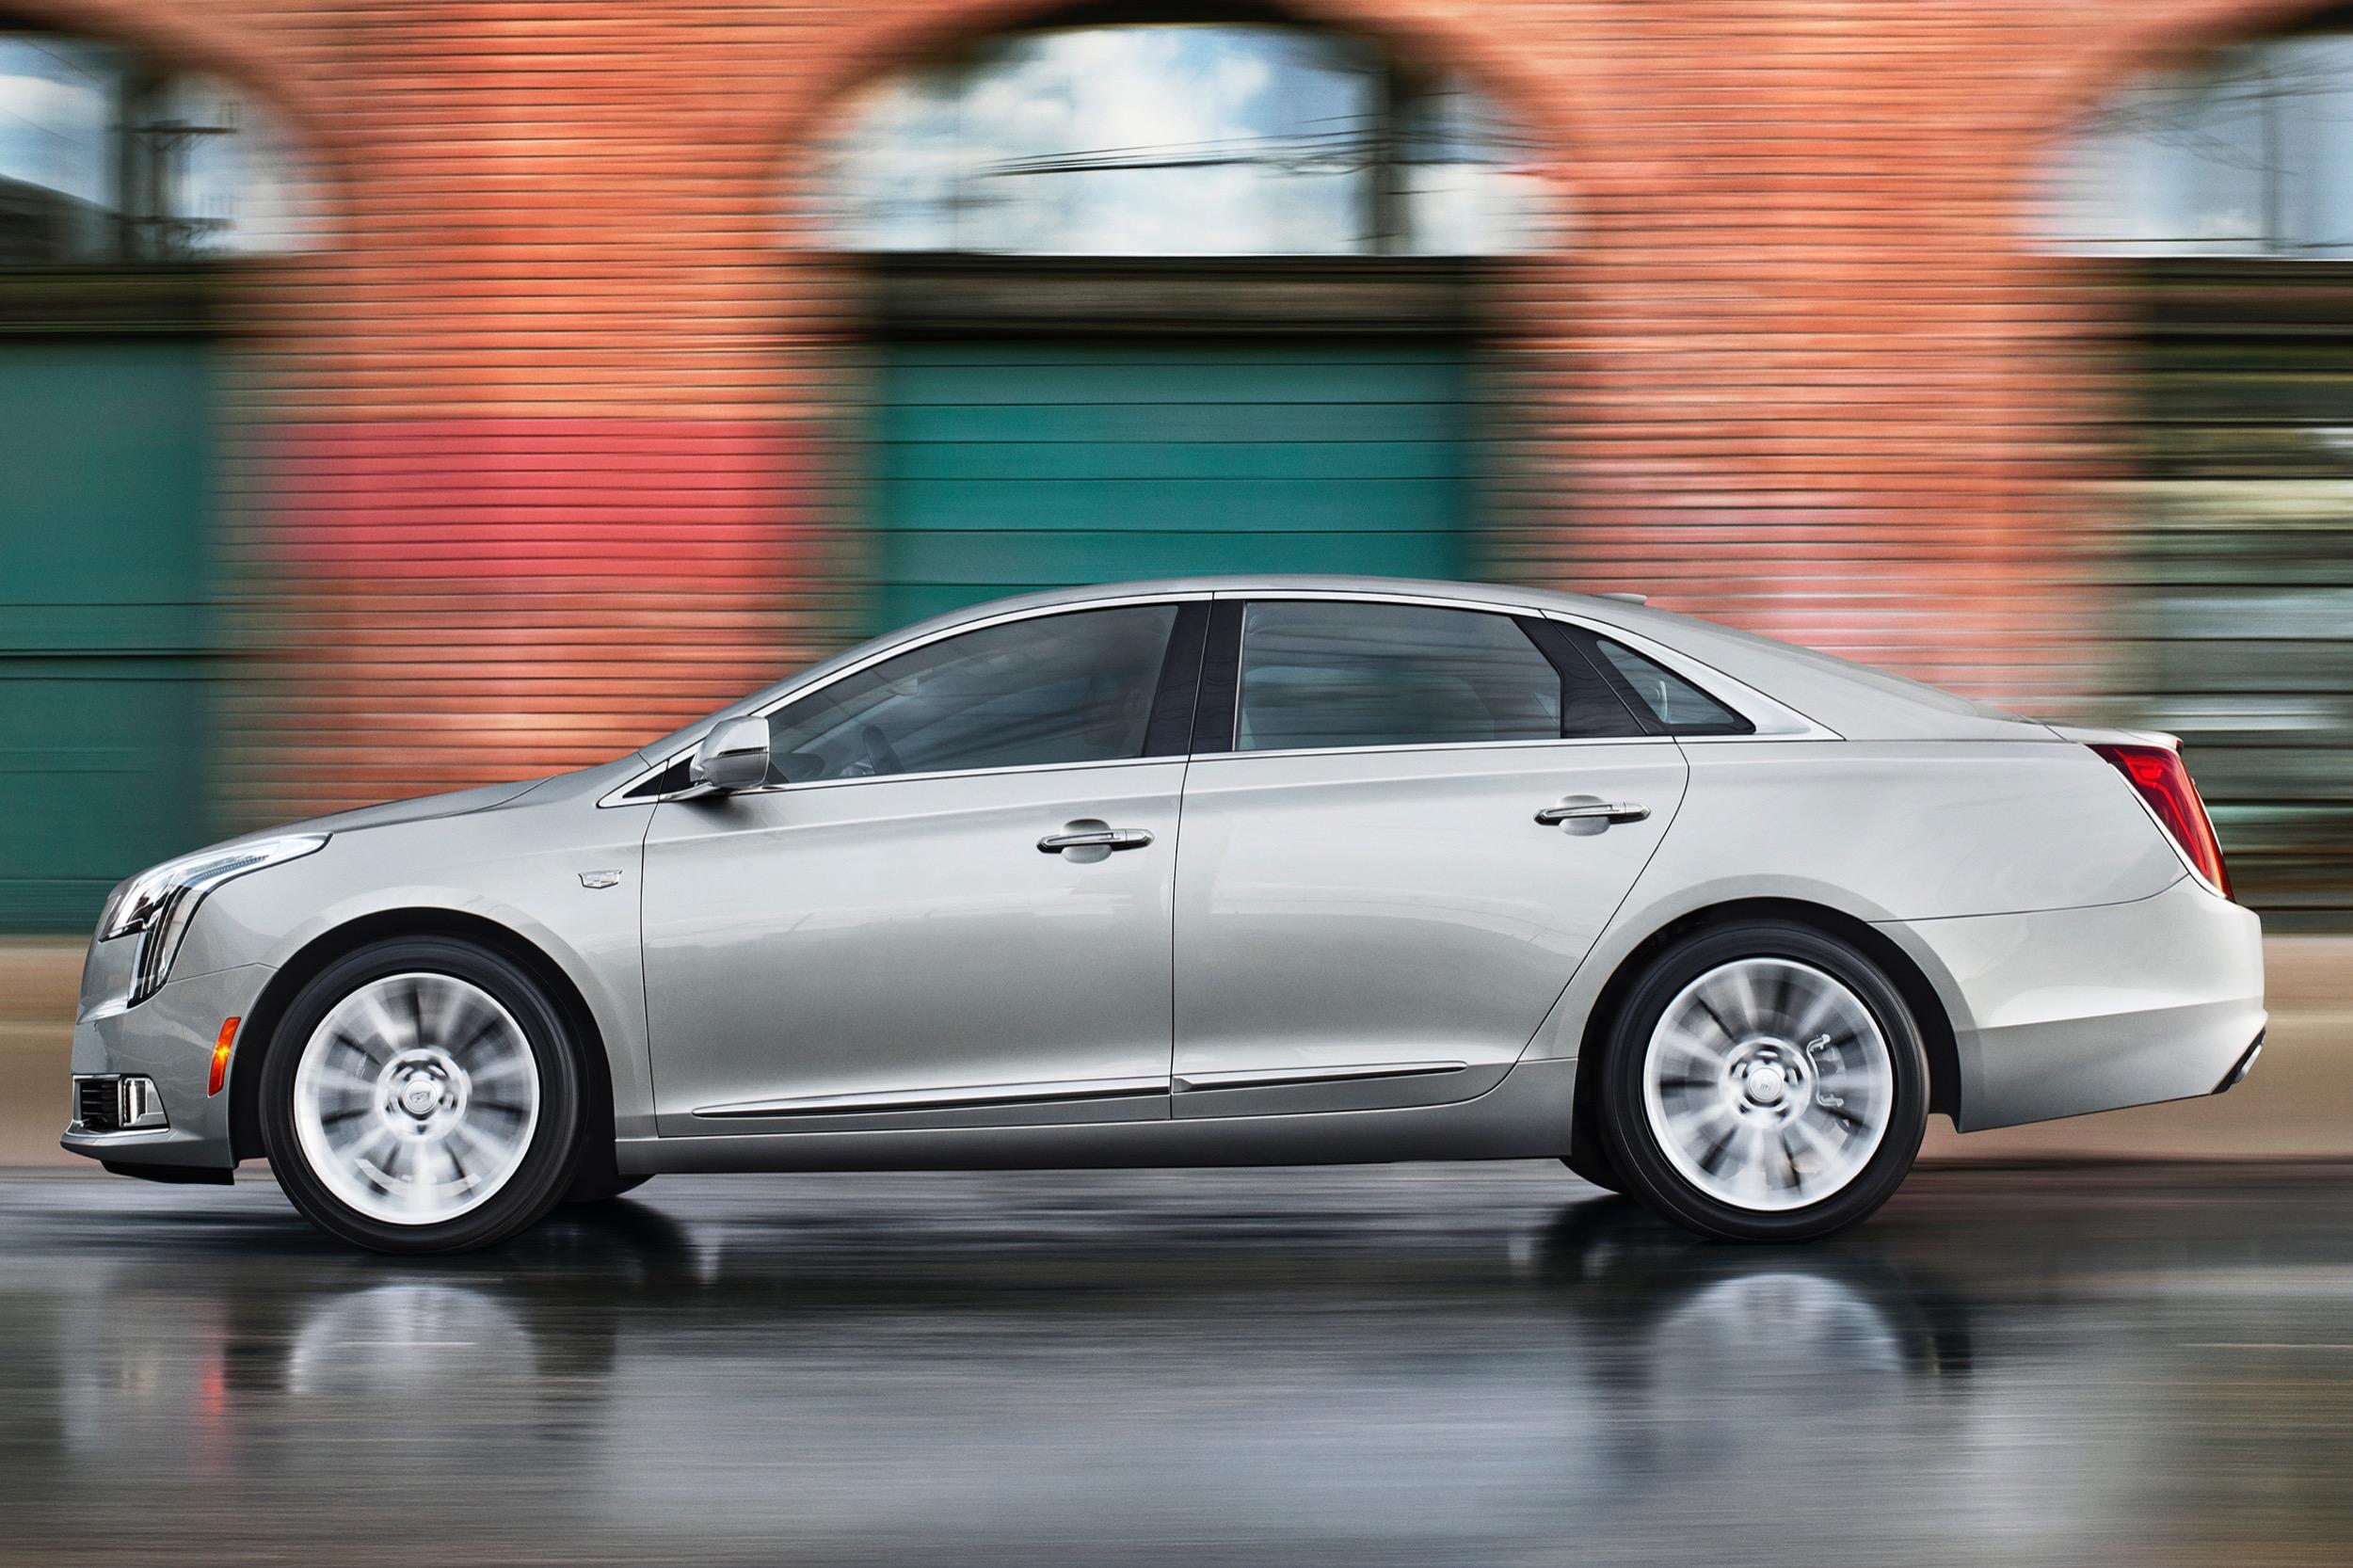 Cadillac Xts Sales Results Second Quarter 2018